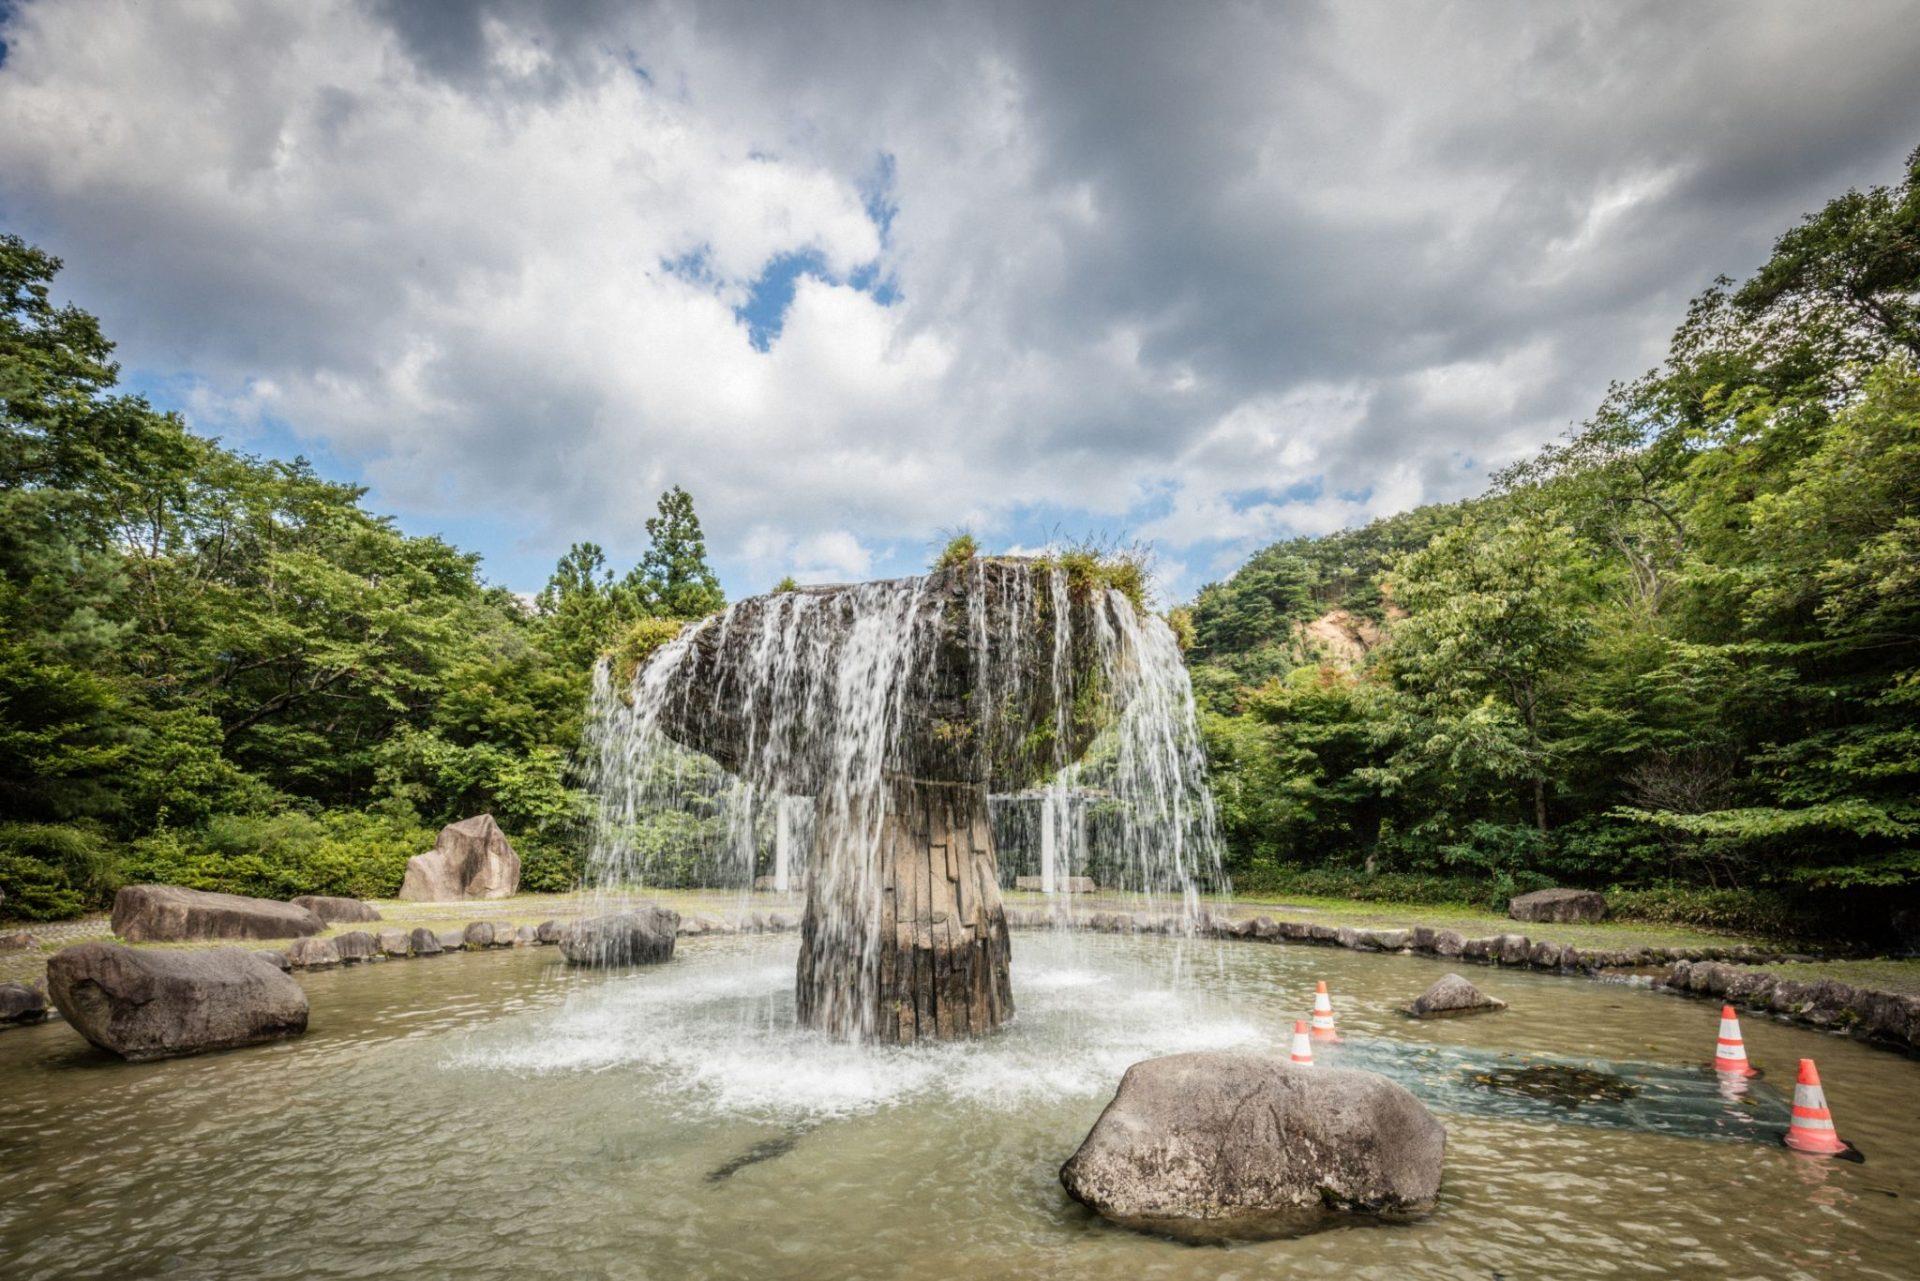 材木岩公园